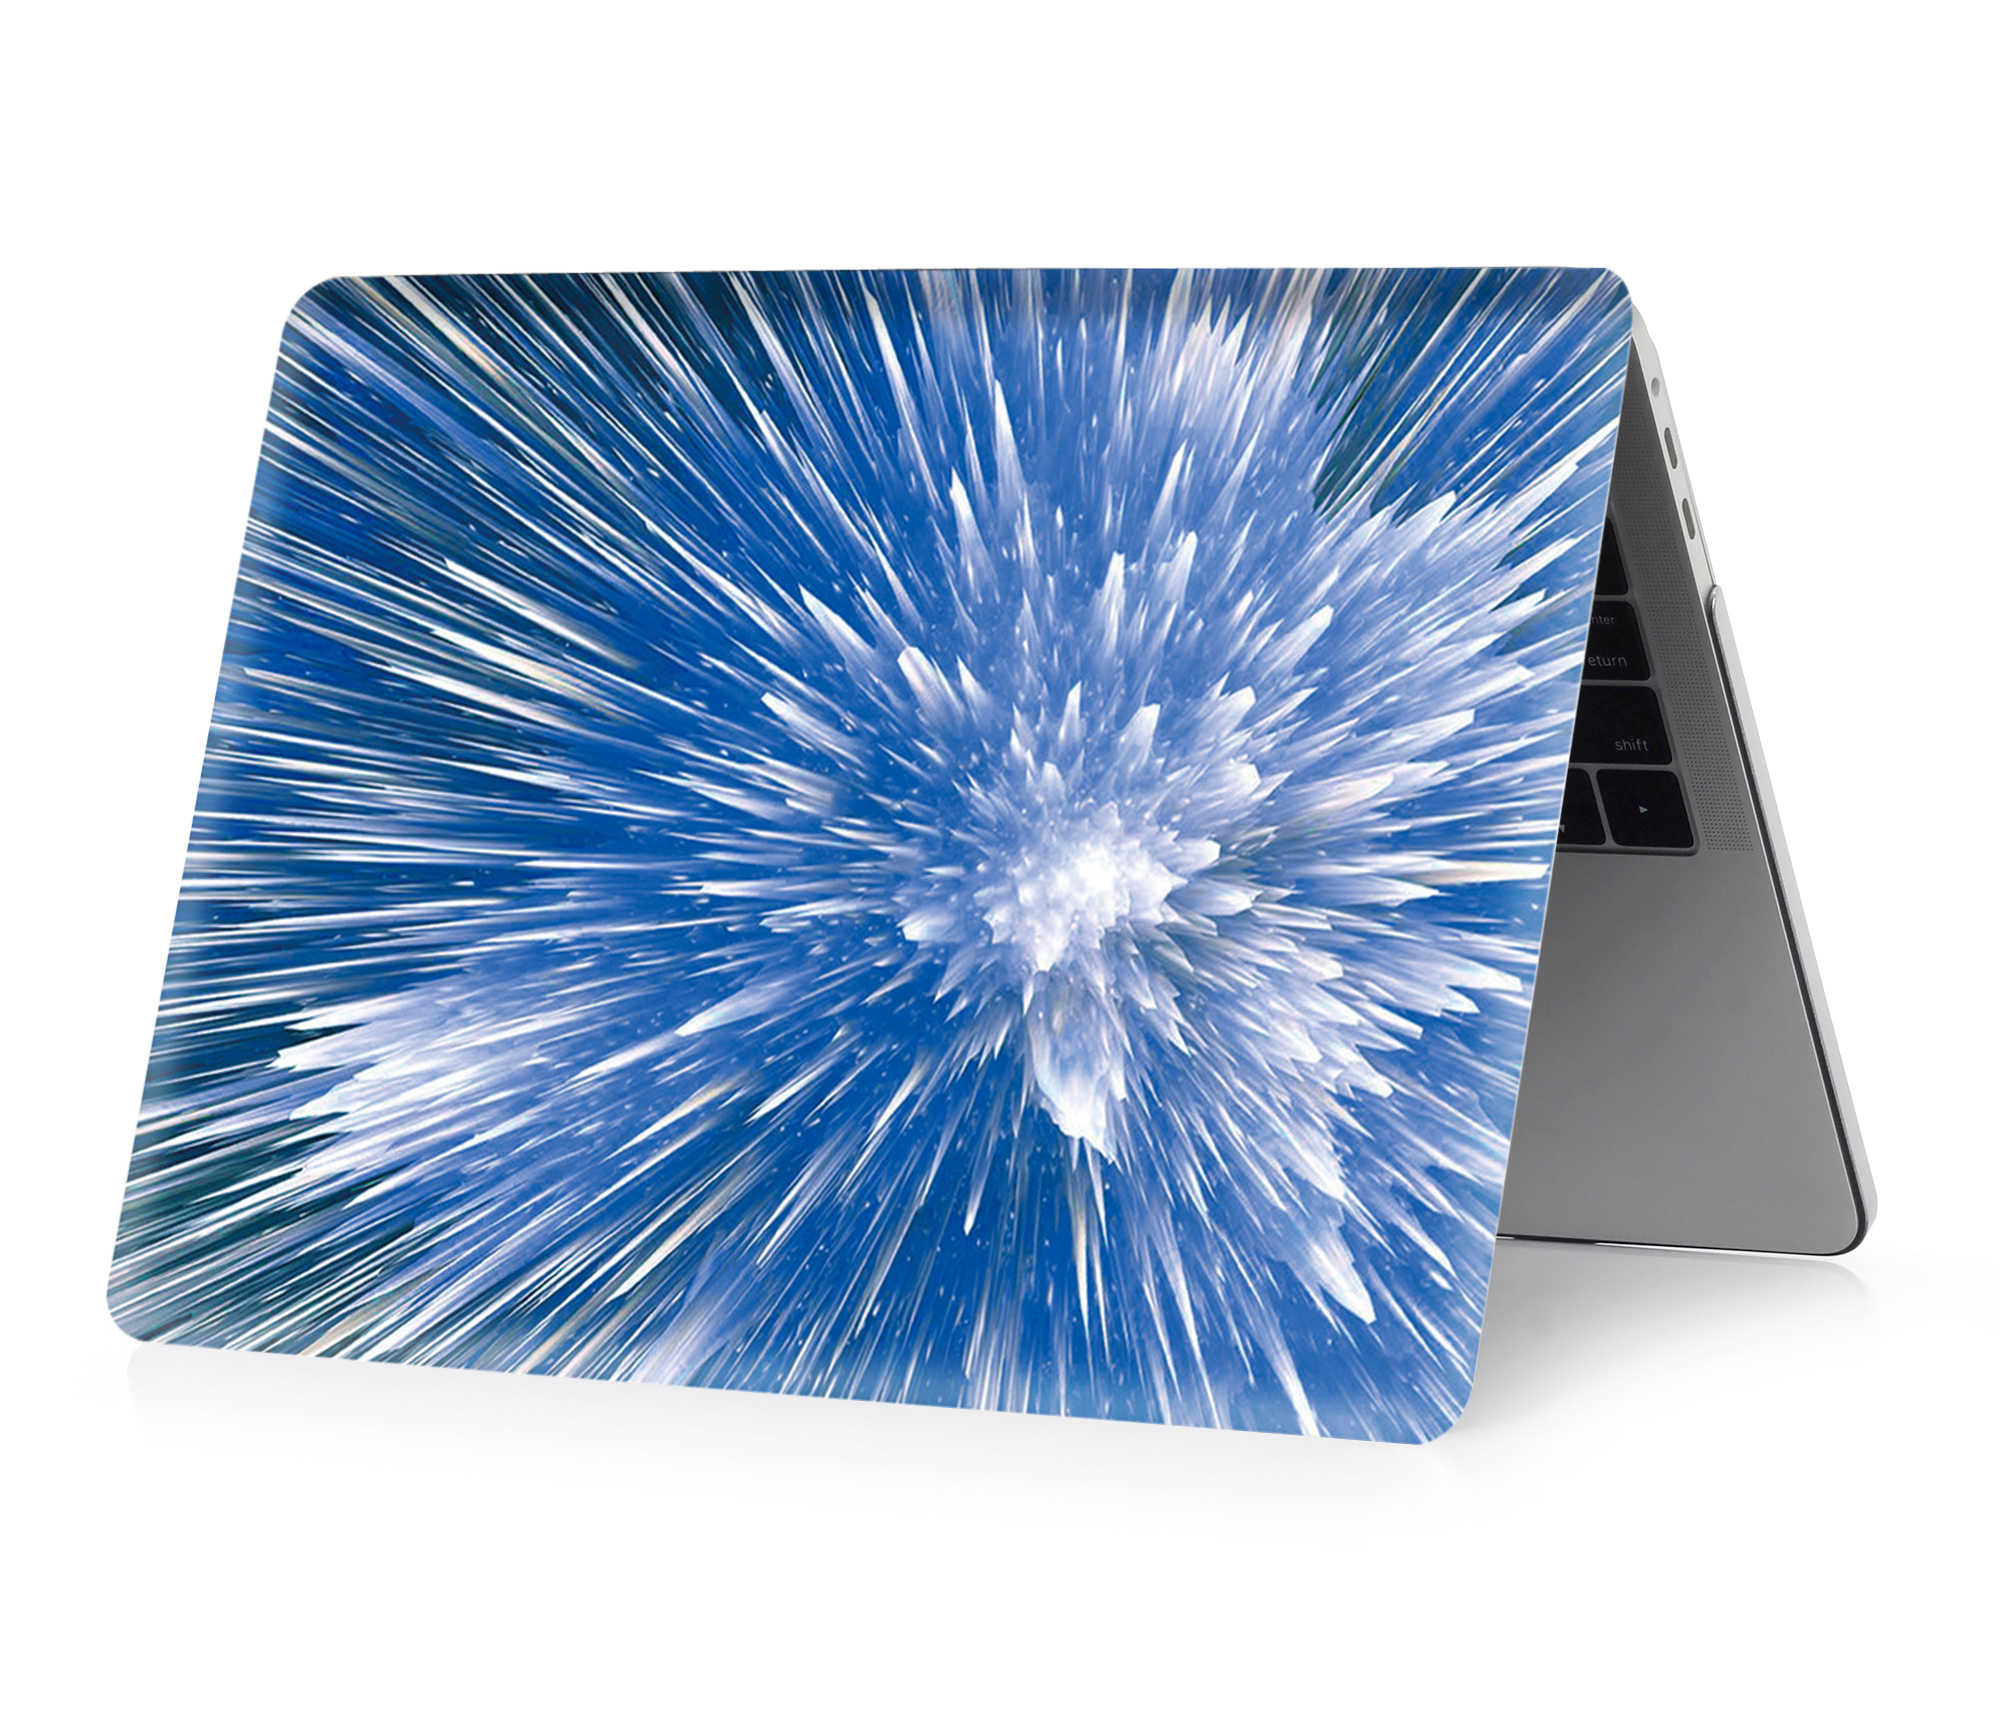 Новый 2019 чехол для ноутбука MacBook Air 11 13 дюймов A1466 A1932 Pro 12 13 15 retina A1502 A1706 A1708 A1989 Цветной корпус